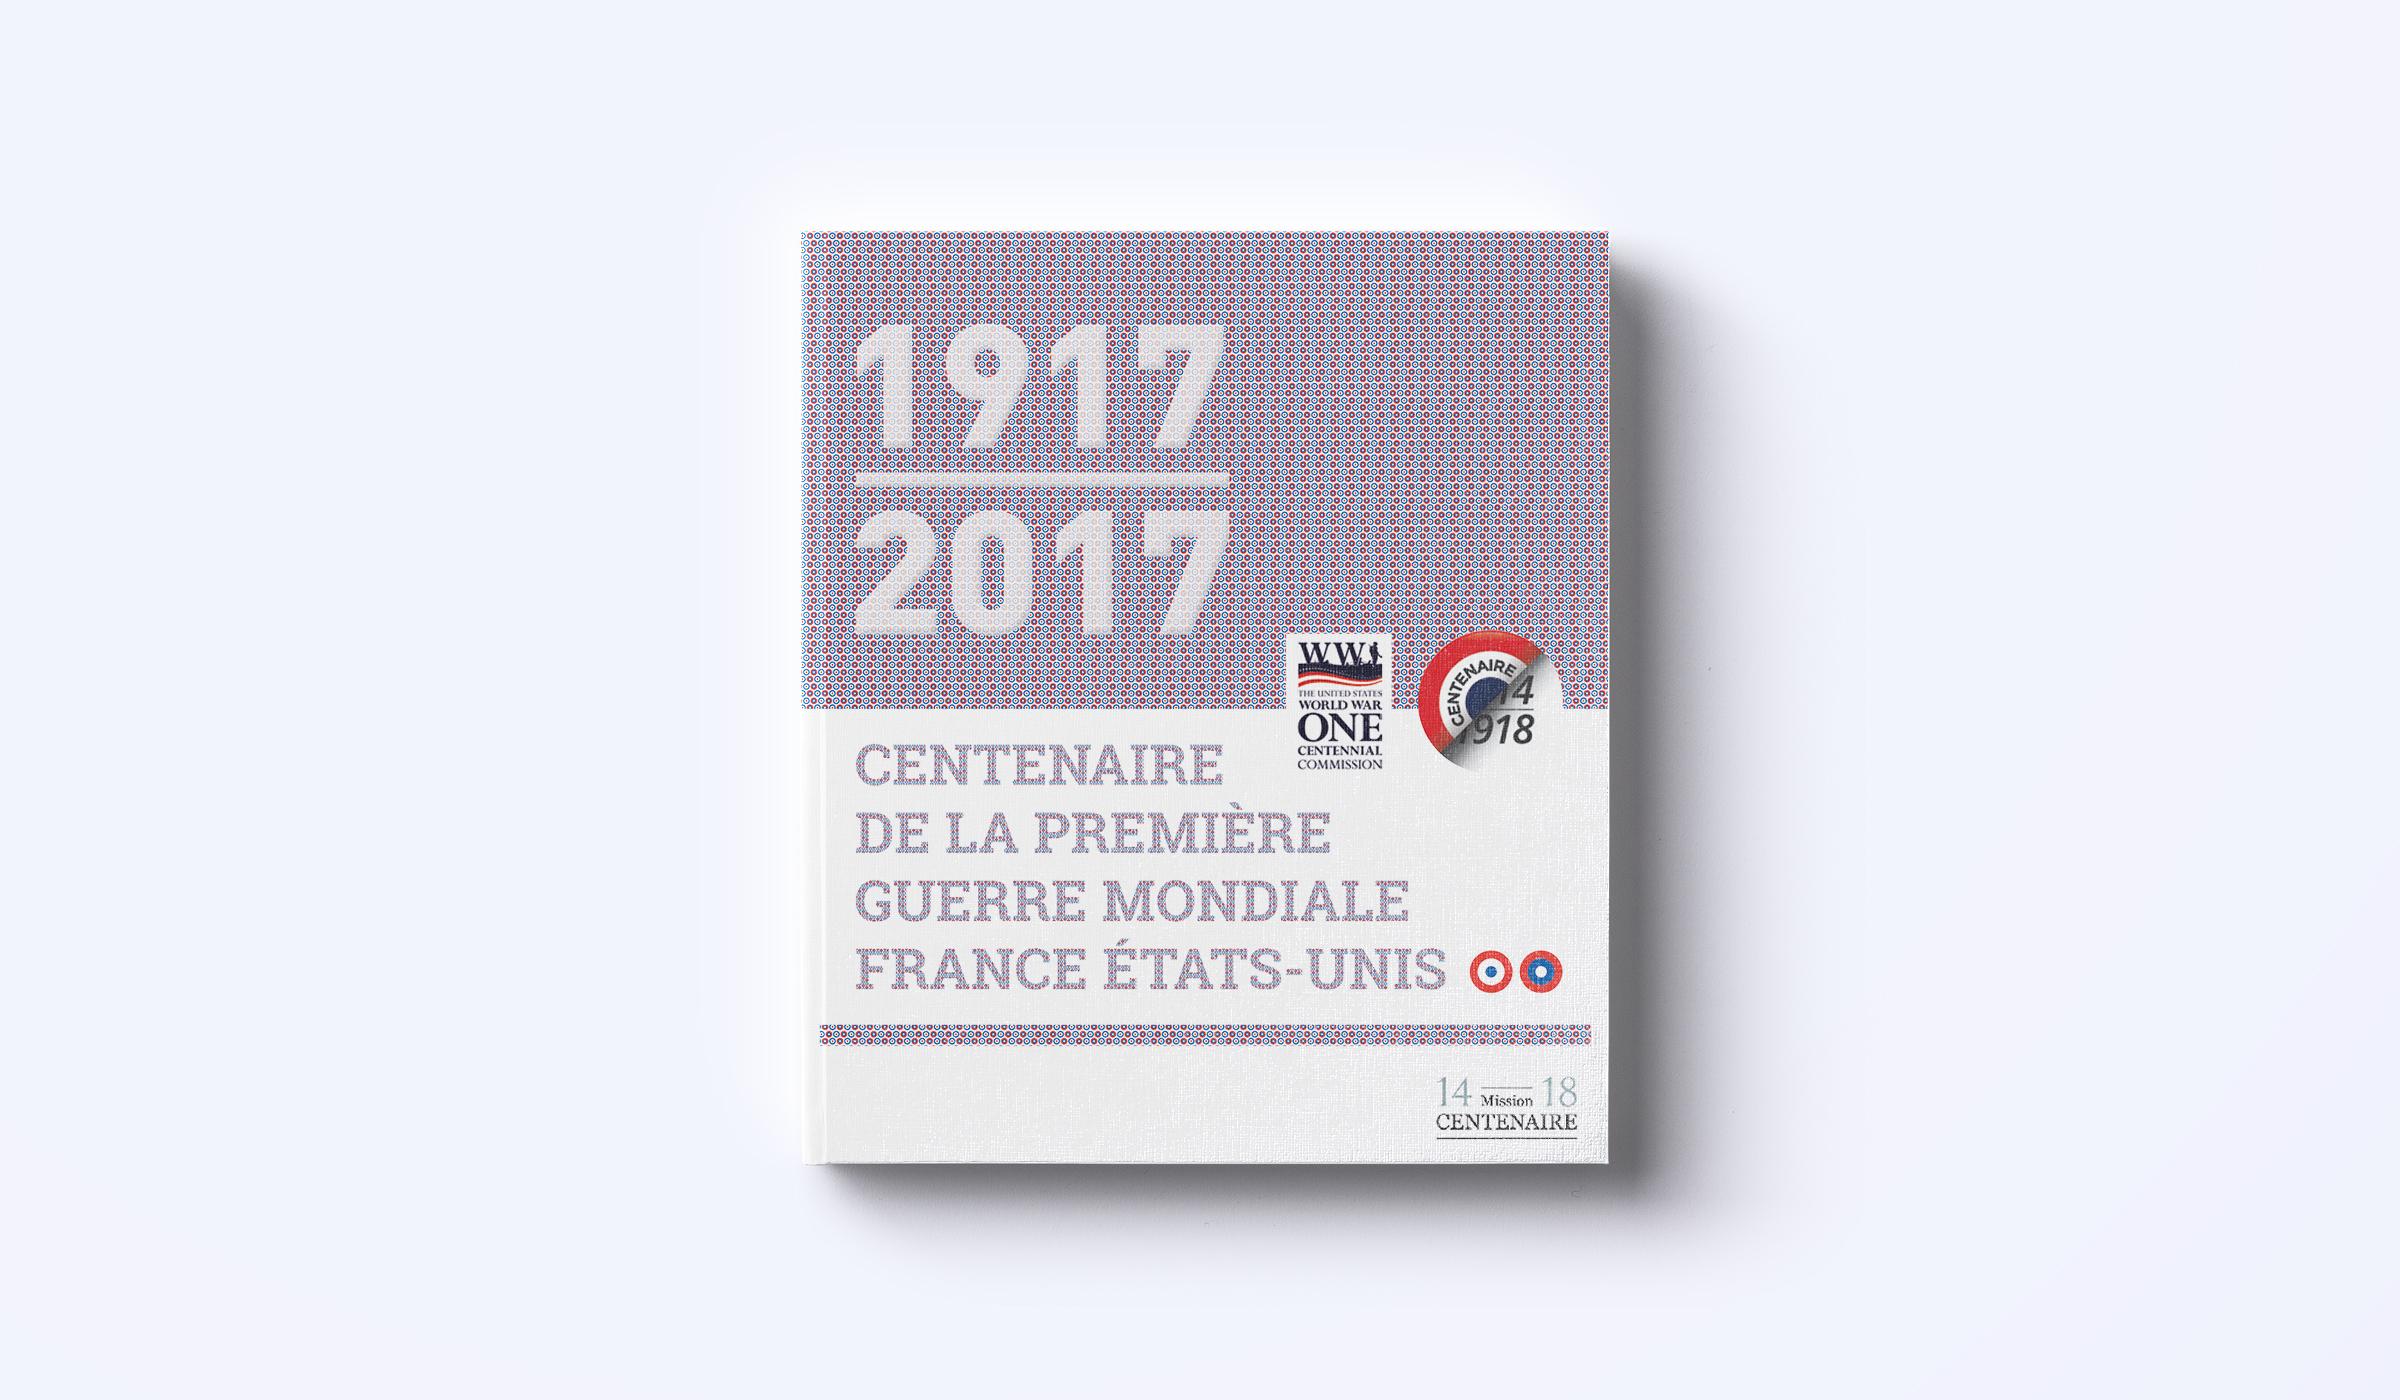 création couverture brochure franco-américaine